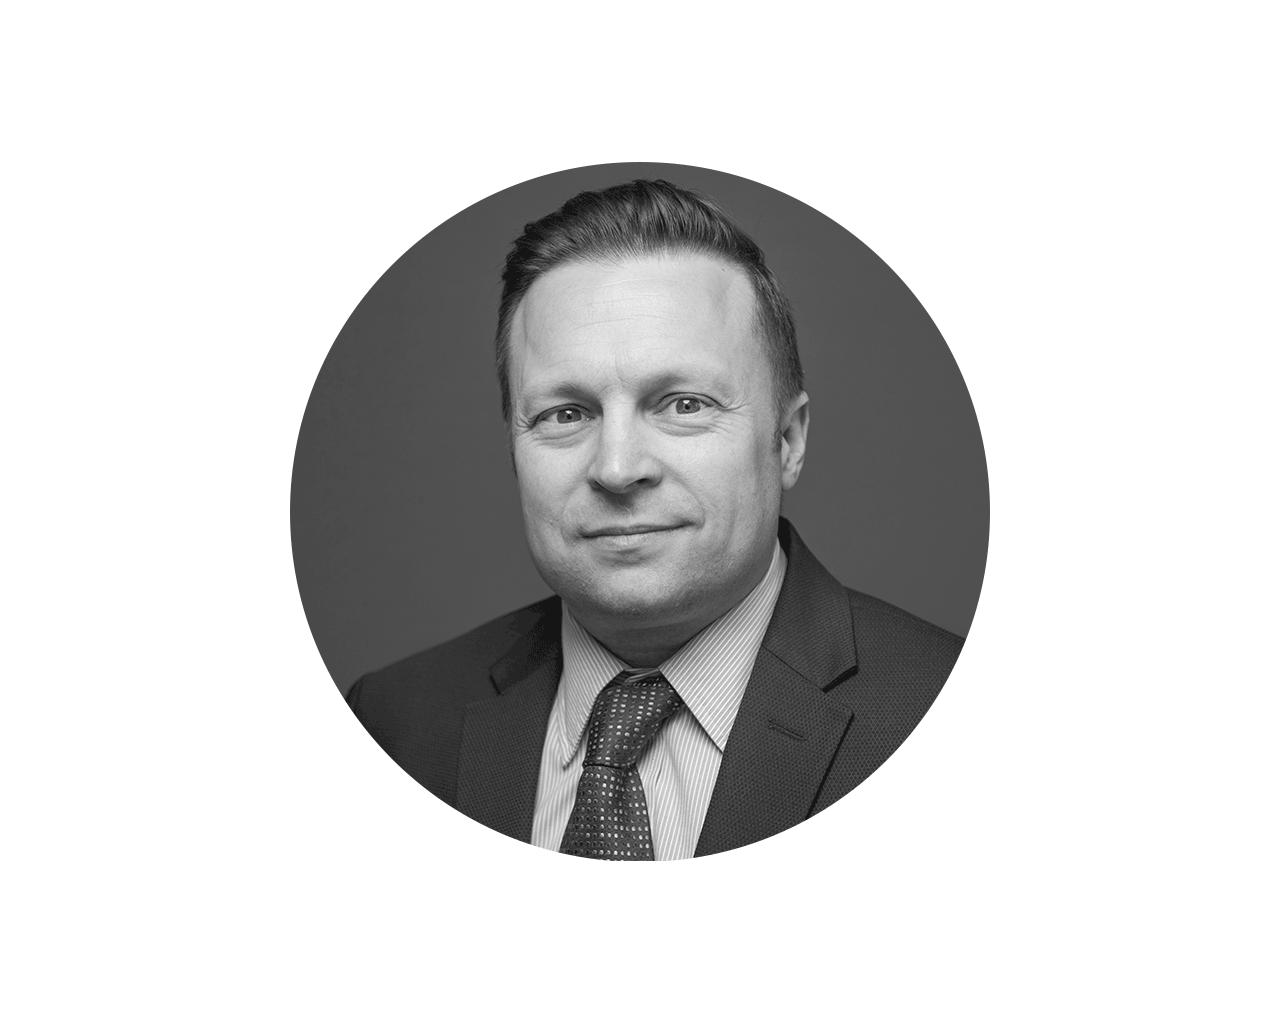 Anthony Payne - Chief People OfficerCon más de dieciocho años en Reclutamiento y Recursos Humanos a nivel mundial, Anthony ha supervisado la contratación, capacitación y desarrollo de equipos de alto desempeño. Anteriormente, diseñó estrategias de RRHH para clientes como eBay, SAP y Accenture y actualmente, está a cargo de la dirección de Recursos Humanos de RedCloud en todo el mundo.